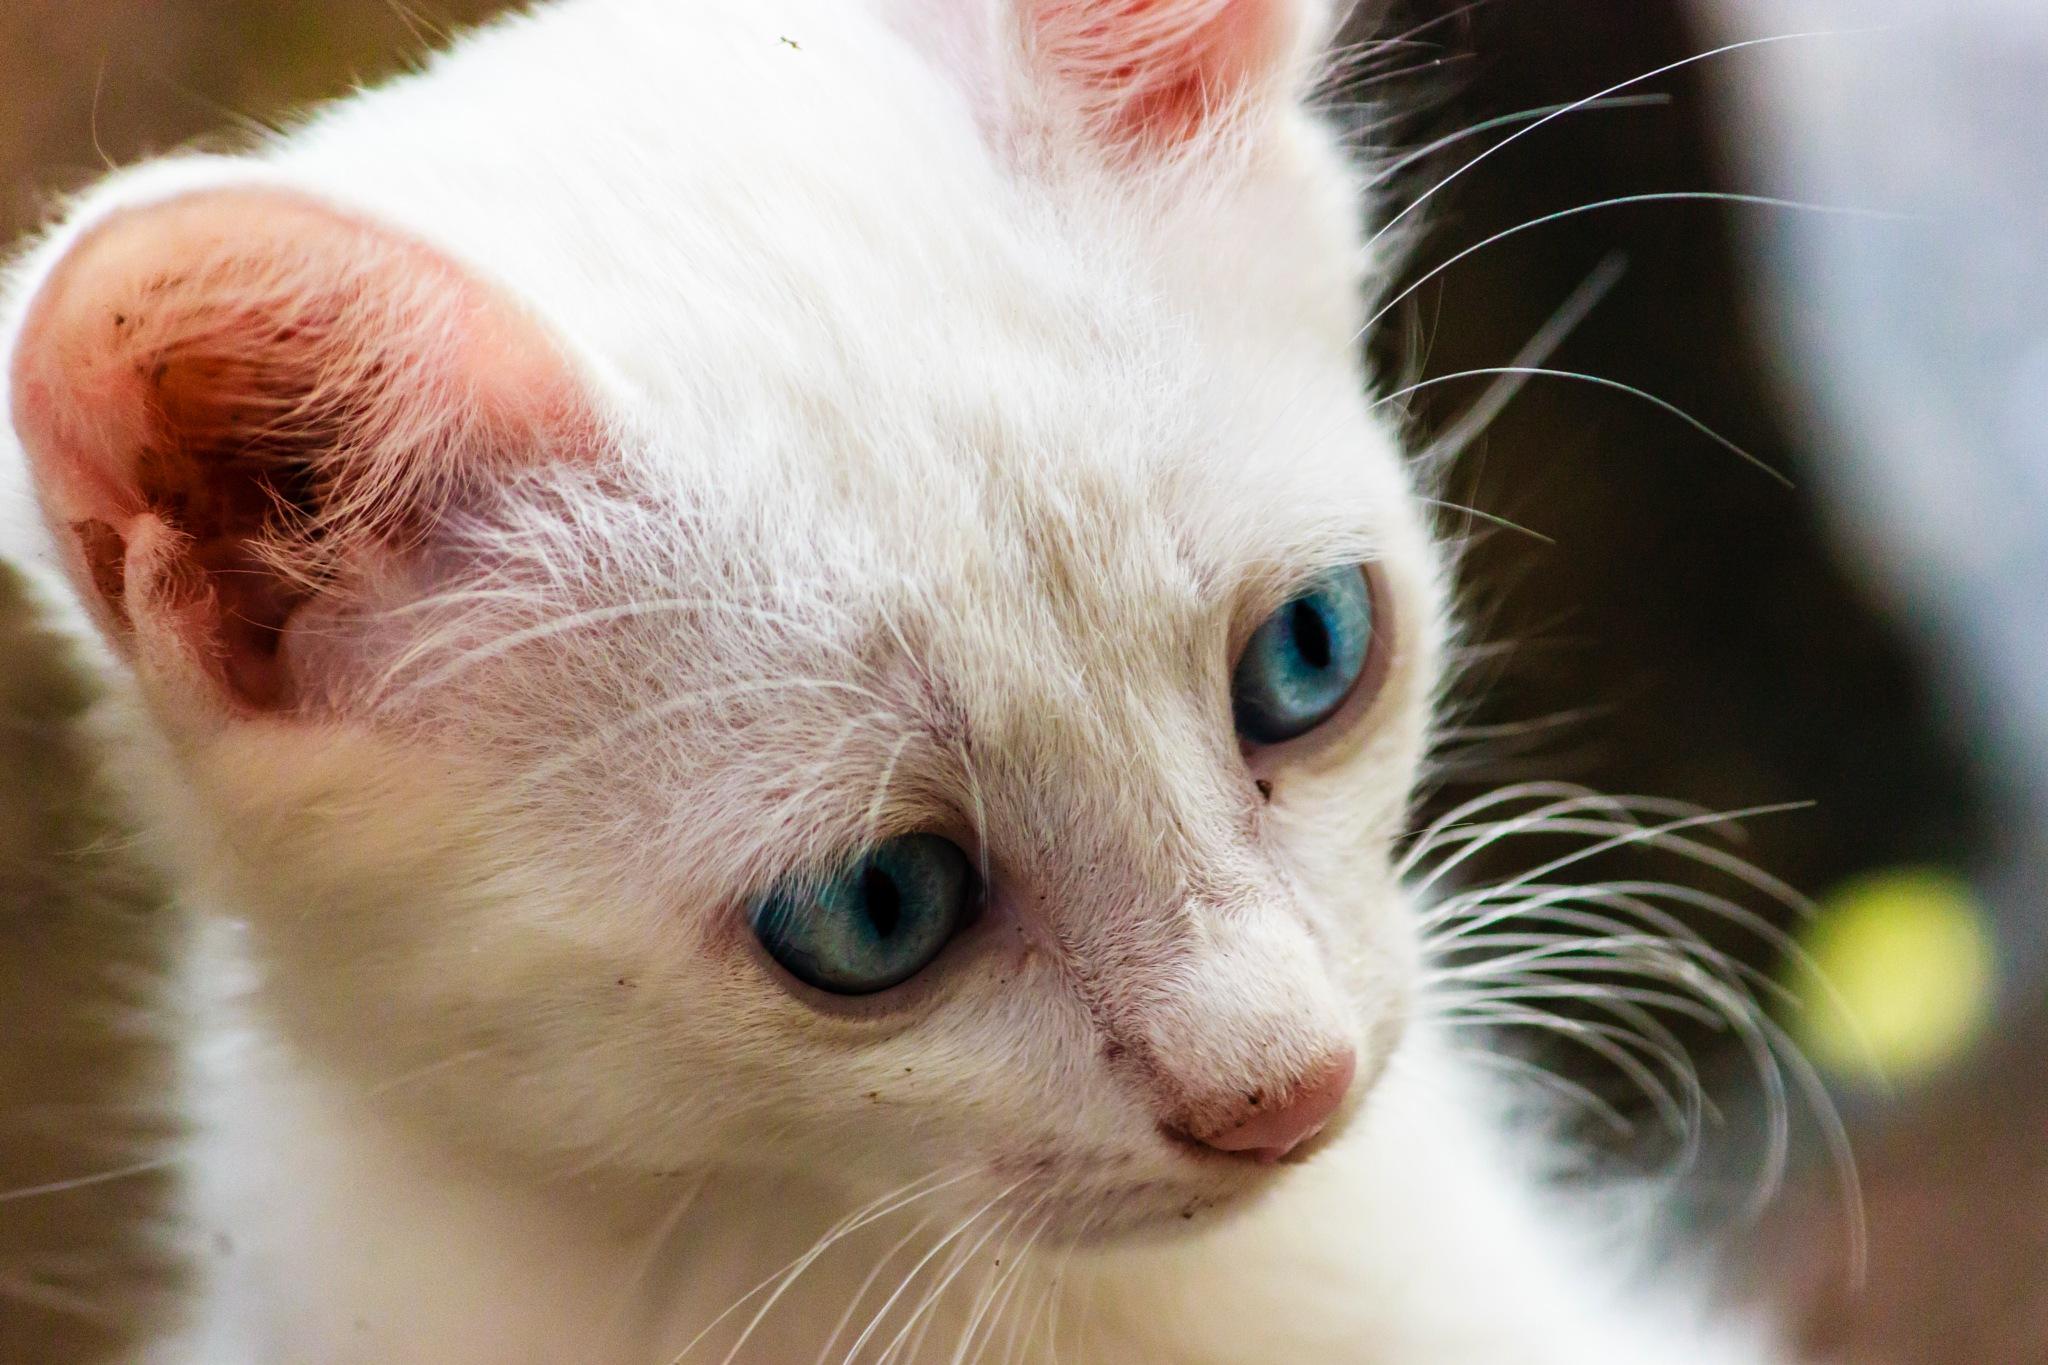 Cute Kitten by Shilpa M B